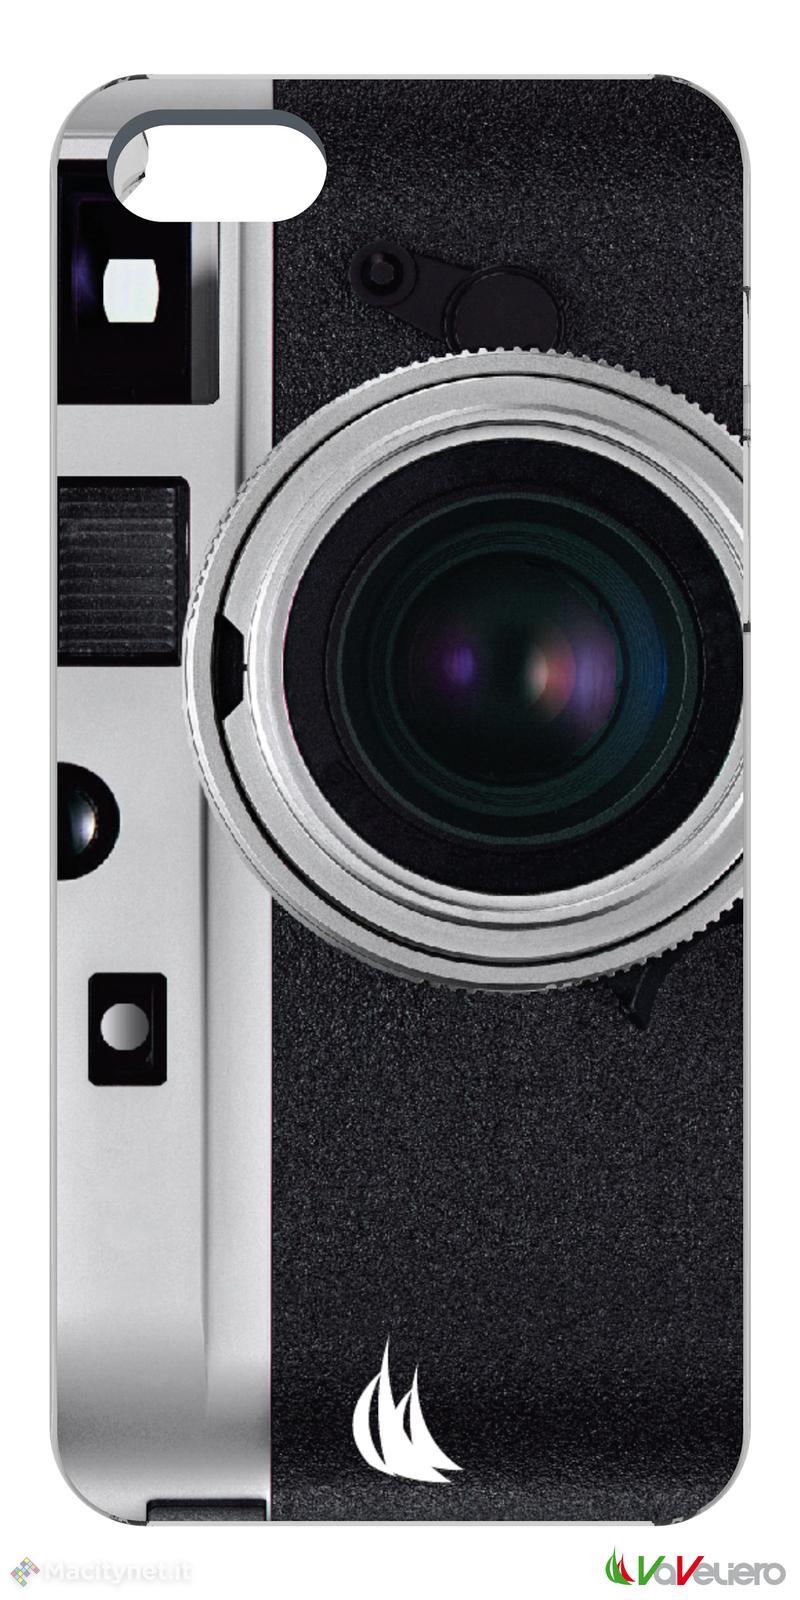 iPhone 5 diventa un boccale di birra, un fotocamera e altro ancora con le cover VaVeliero